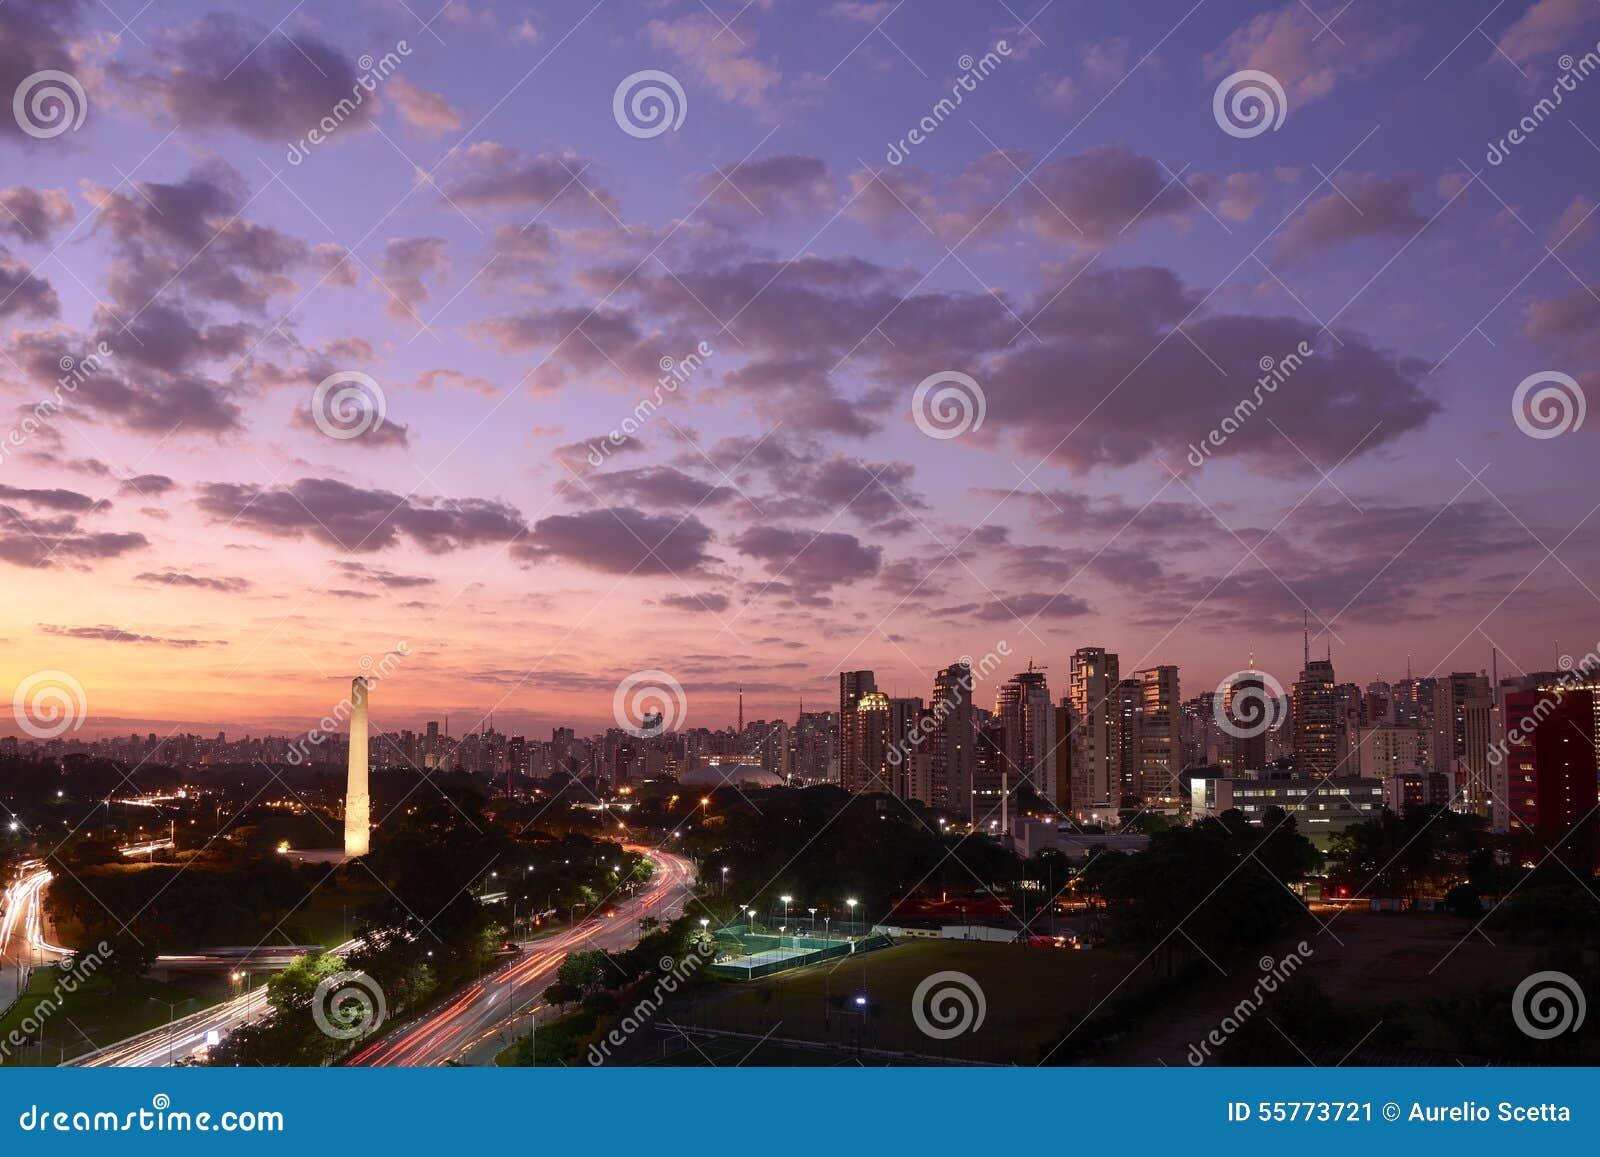 Πόλη του Σάο Πάολο στο σούρουπο, Βραζιλία